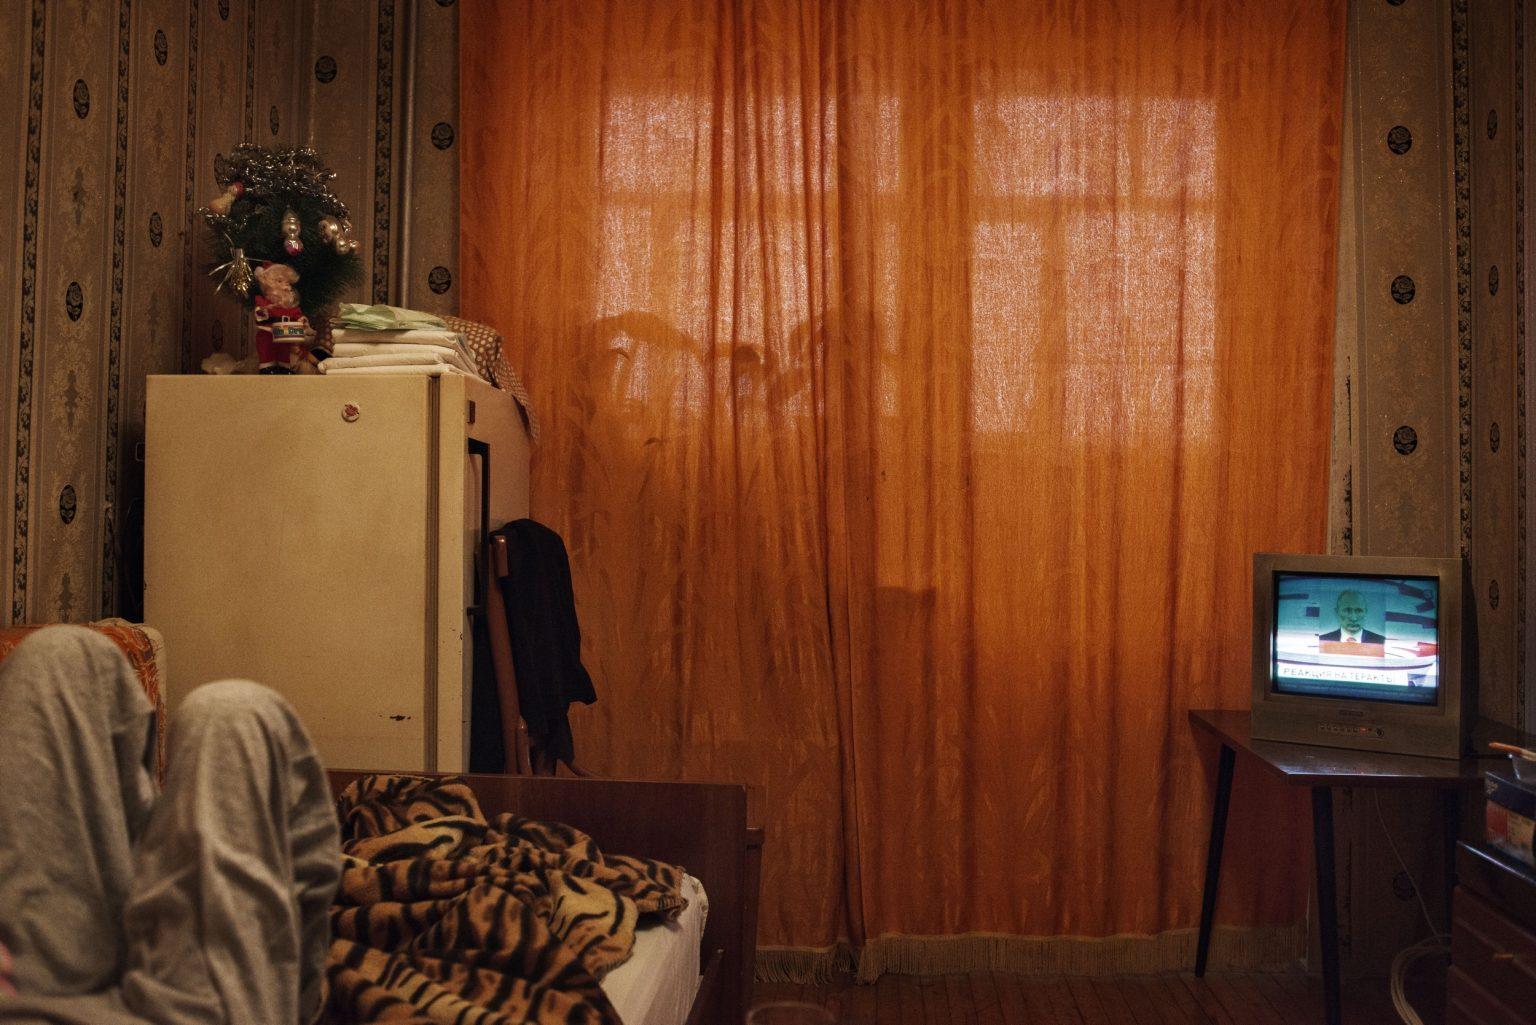 Yekaterinburg, Russia, March 2016 - Since 2014 Oxana has been lying in bed with her back permanently damaged. The high use of Krokodil damaged her mussels and her spine. Despite several surgeries she can't seat or stand. Her condition has also been worsened by her father's beatings who couldn't cope with her constant request for money to buy drug. >< Yekaterinburg, Russia, marzo 2016 - Dal 2014 Oxana vive distesa a letto avendo danni permnenti alla schiena. L'uso massiccio di Krokodil le ha danneggiato i muscoli e la spina dorsale. Nonostante si sia sottoposta a diversi interventi chirurgici non riesce a stare in piedi né seduta. Il suo stato di salute è ulteriormente peggiorato a causa delle reazioni violente di suo padre alle sue richieste di denaro per comprare droga.